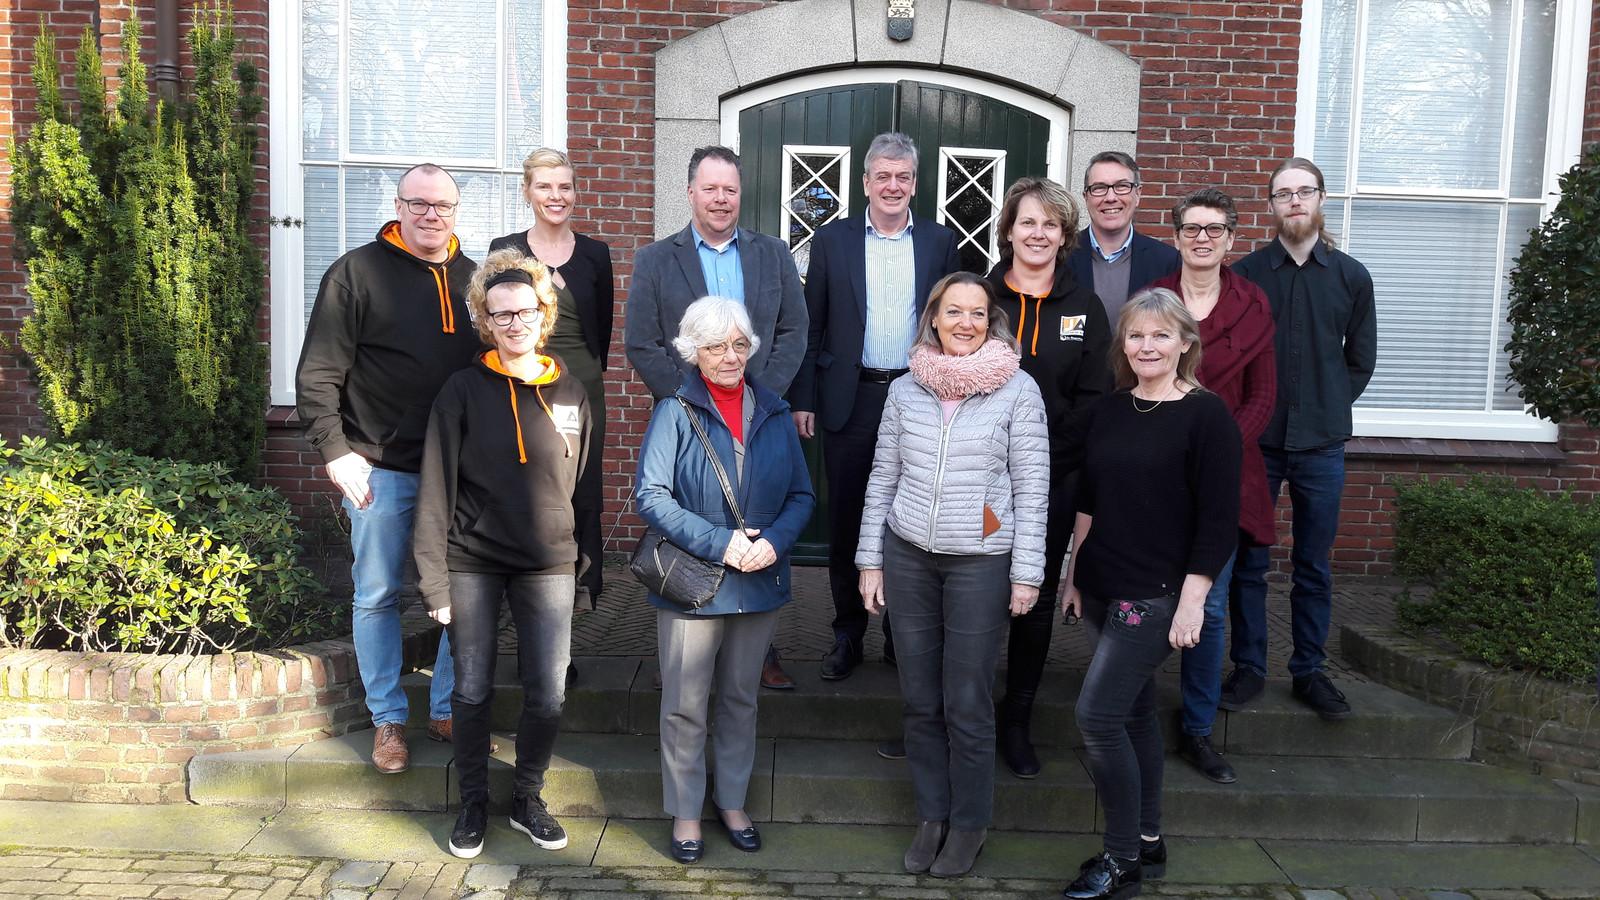 De vrijwilligers en bestuurders uit de drie Altena-gemeenten die de activiteiten gaan organiseren in aanloop naar de vorming van de gemeente Altena.